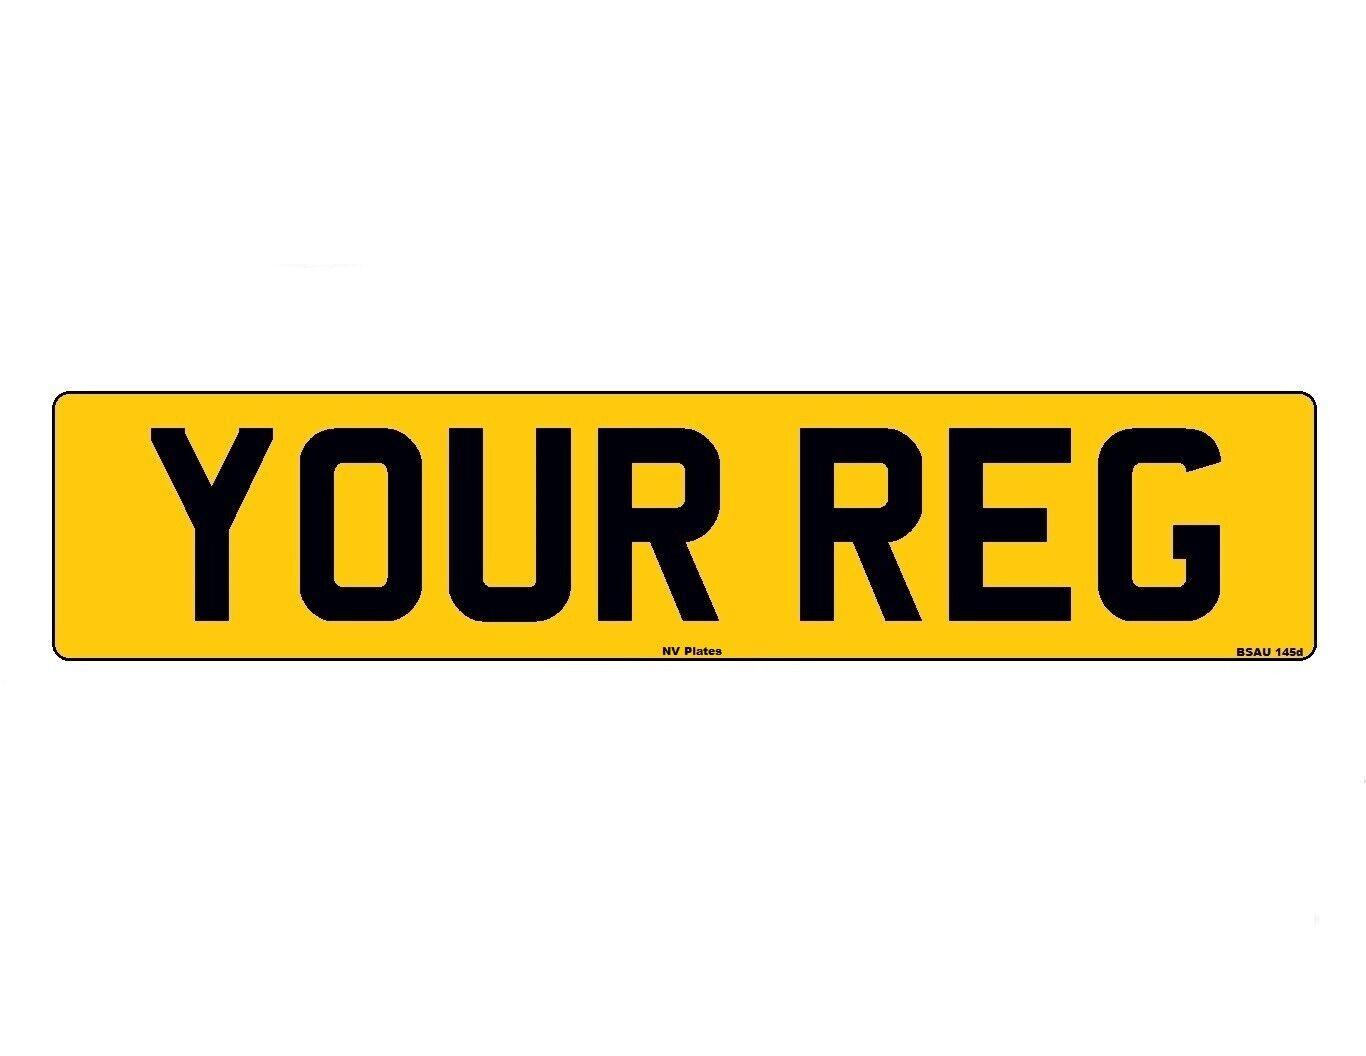 Car Parts - Rear Standard Number Plate Vehicle Road Legal MOT CompliantCaravanTrailer Car